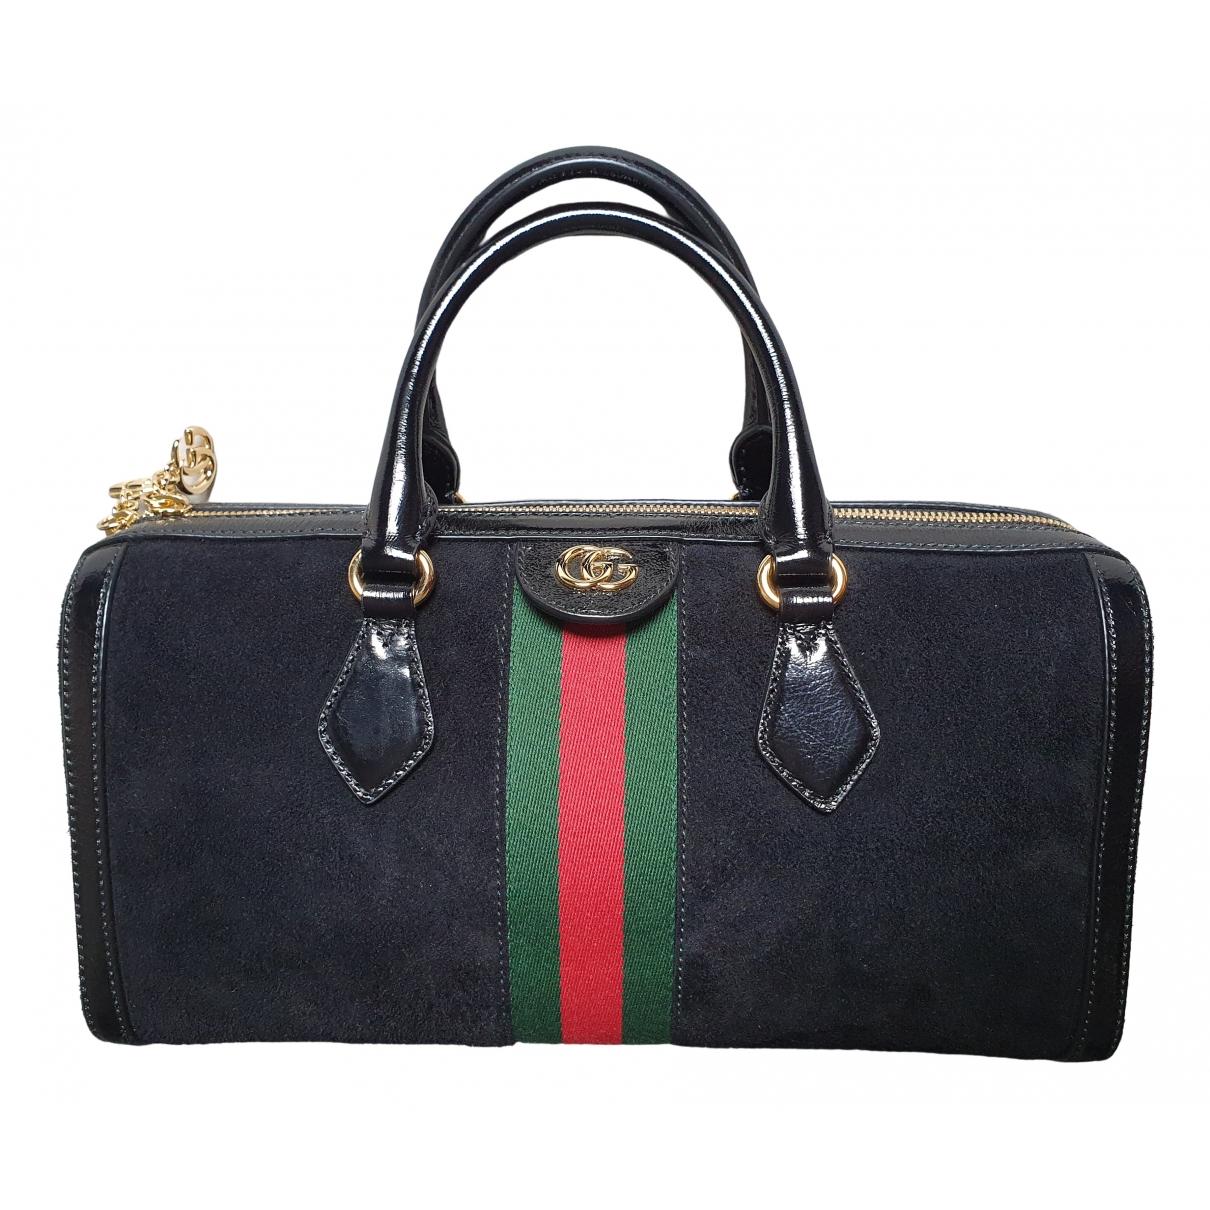 Gucci Ophidia Handtasche in  Schwarz Veloursleder